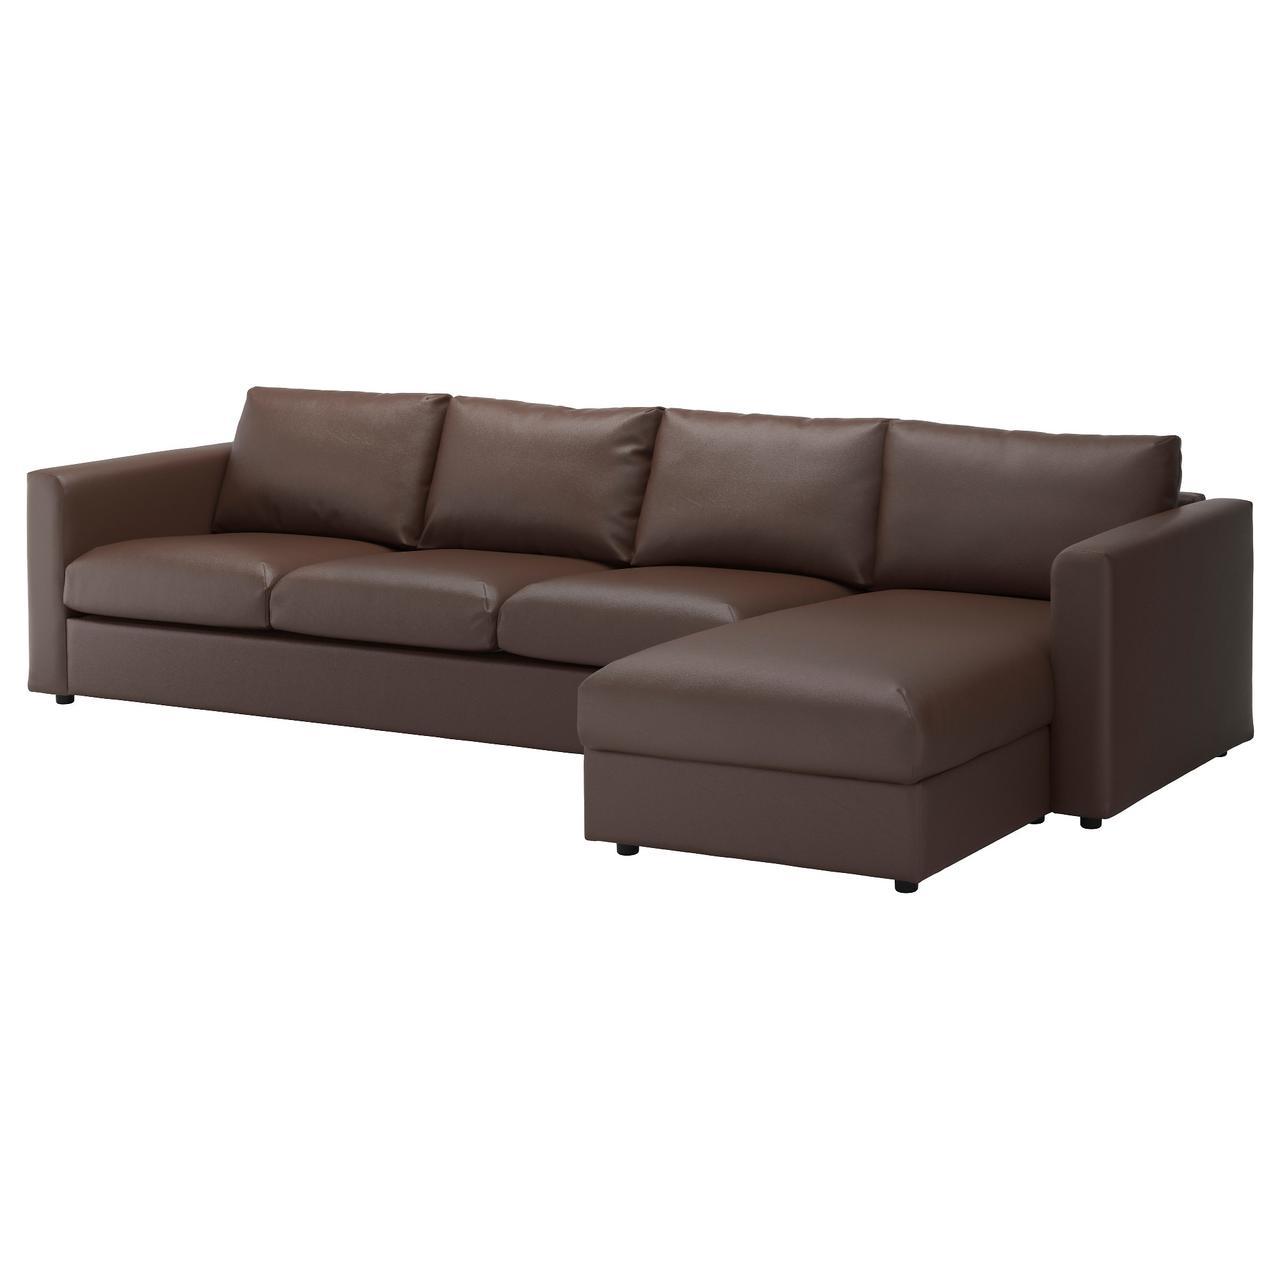 ВИМЛЕ 4-местный диван, с козеткой, Фарста темно-коричневый